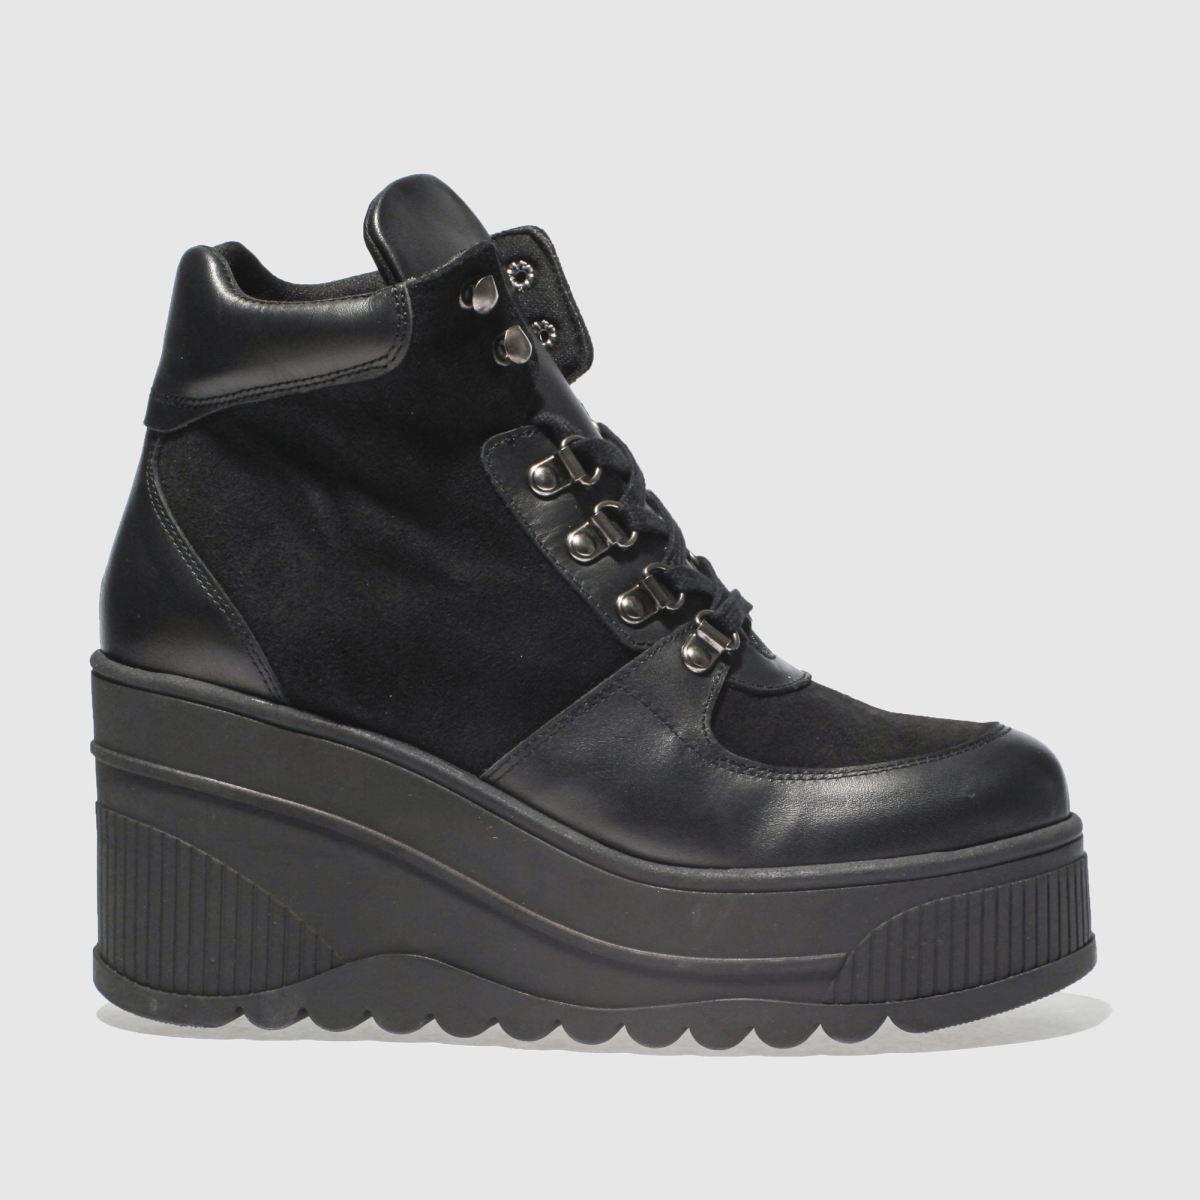 Schuh Black Fierce Boots